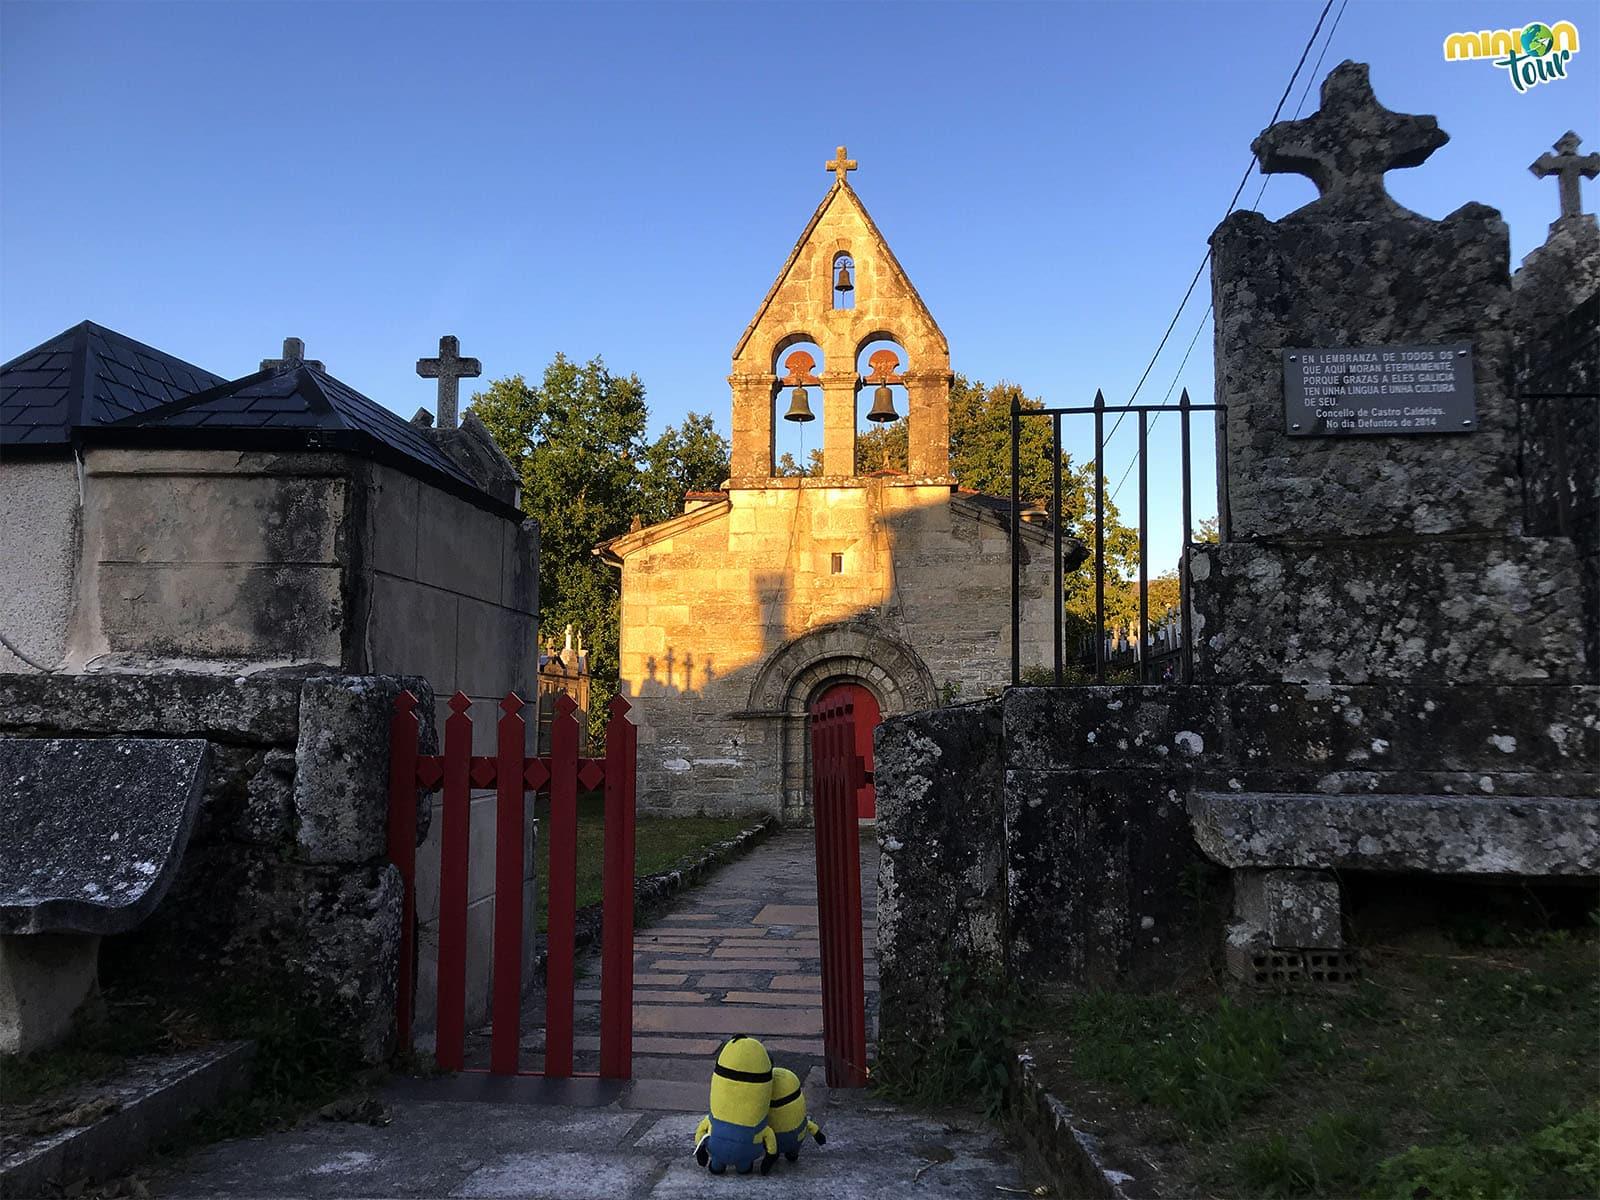 La Iglesia de Santa Tegra de Abeleda en el Sendero de los Bosques Mágicos de Castro Caldelas